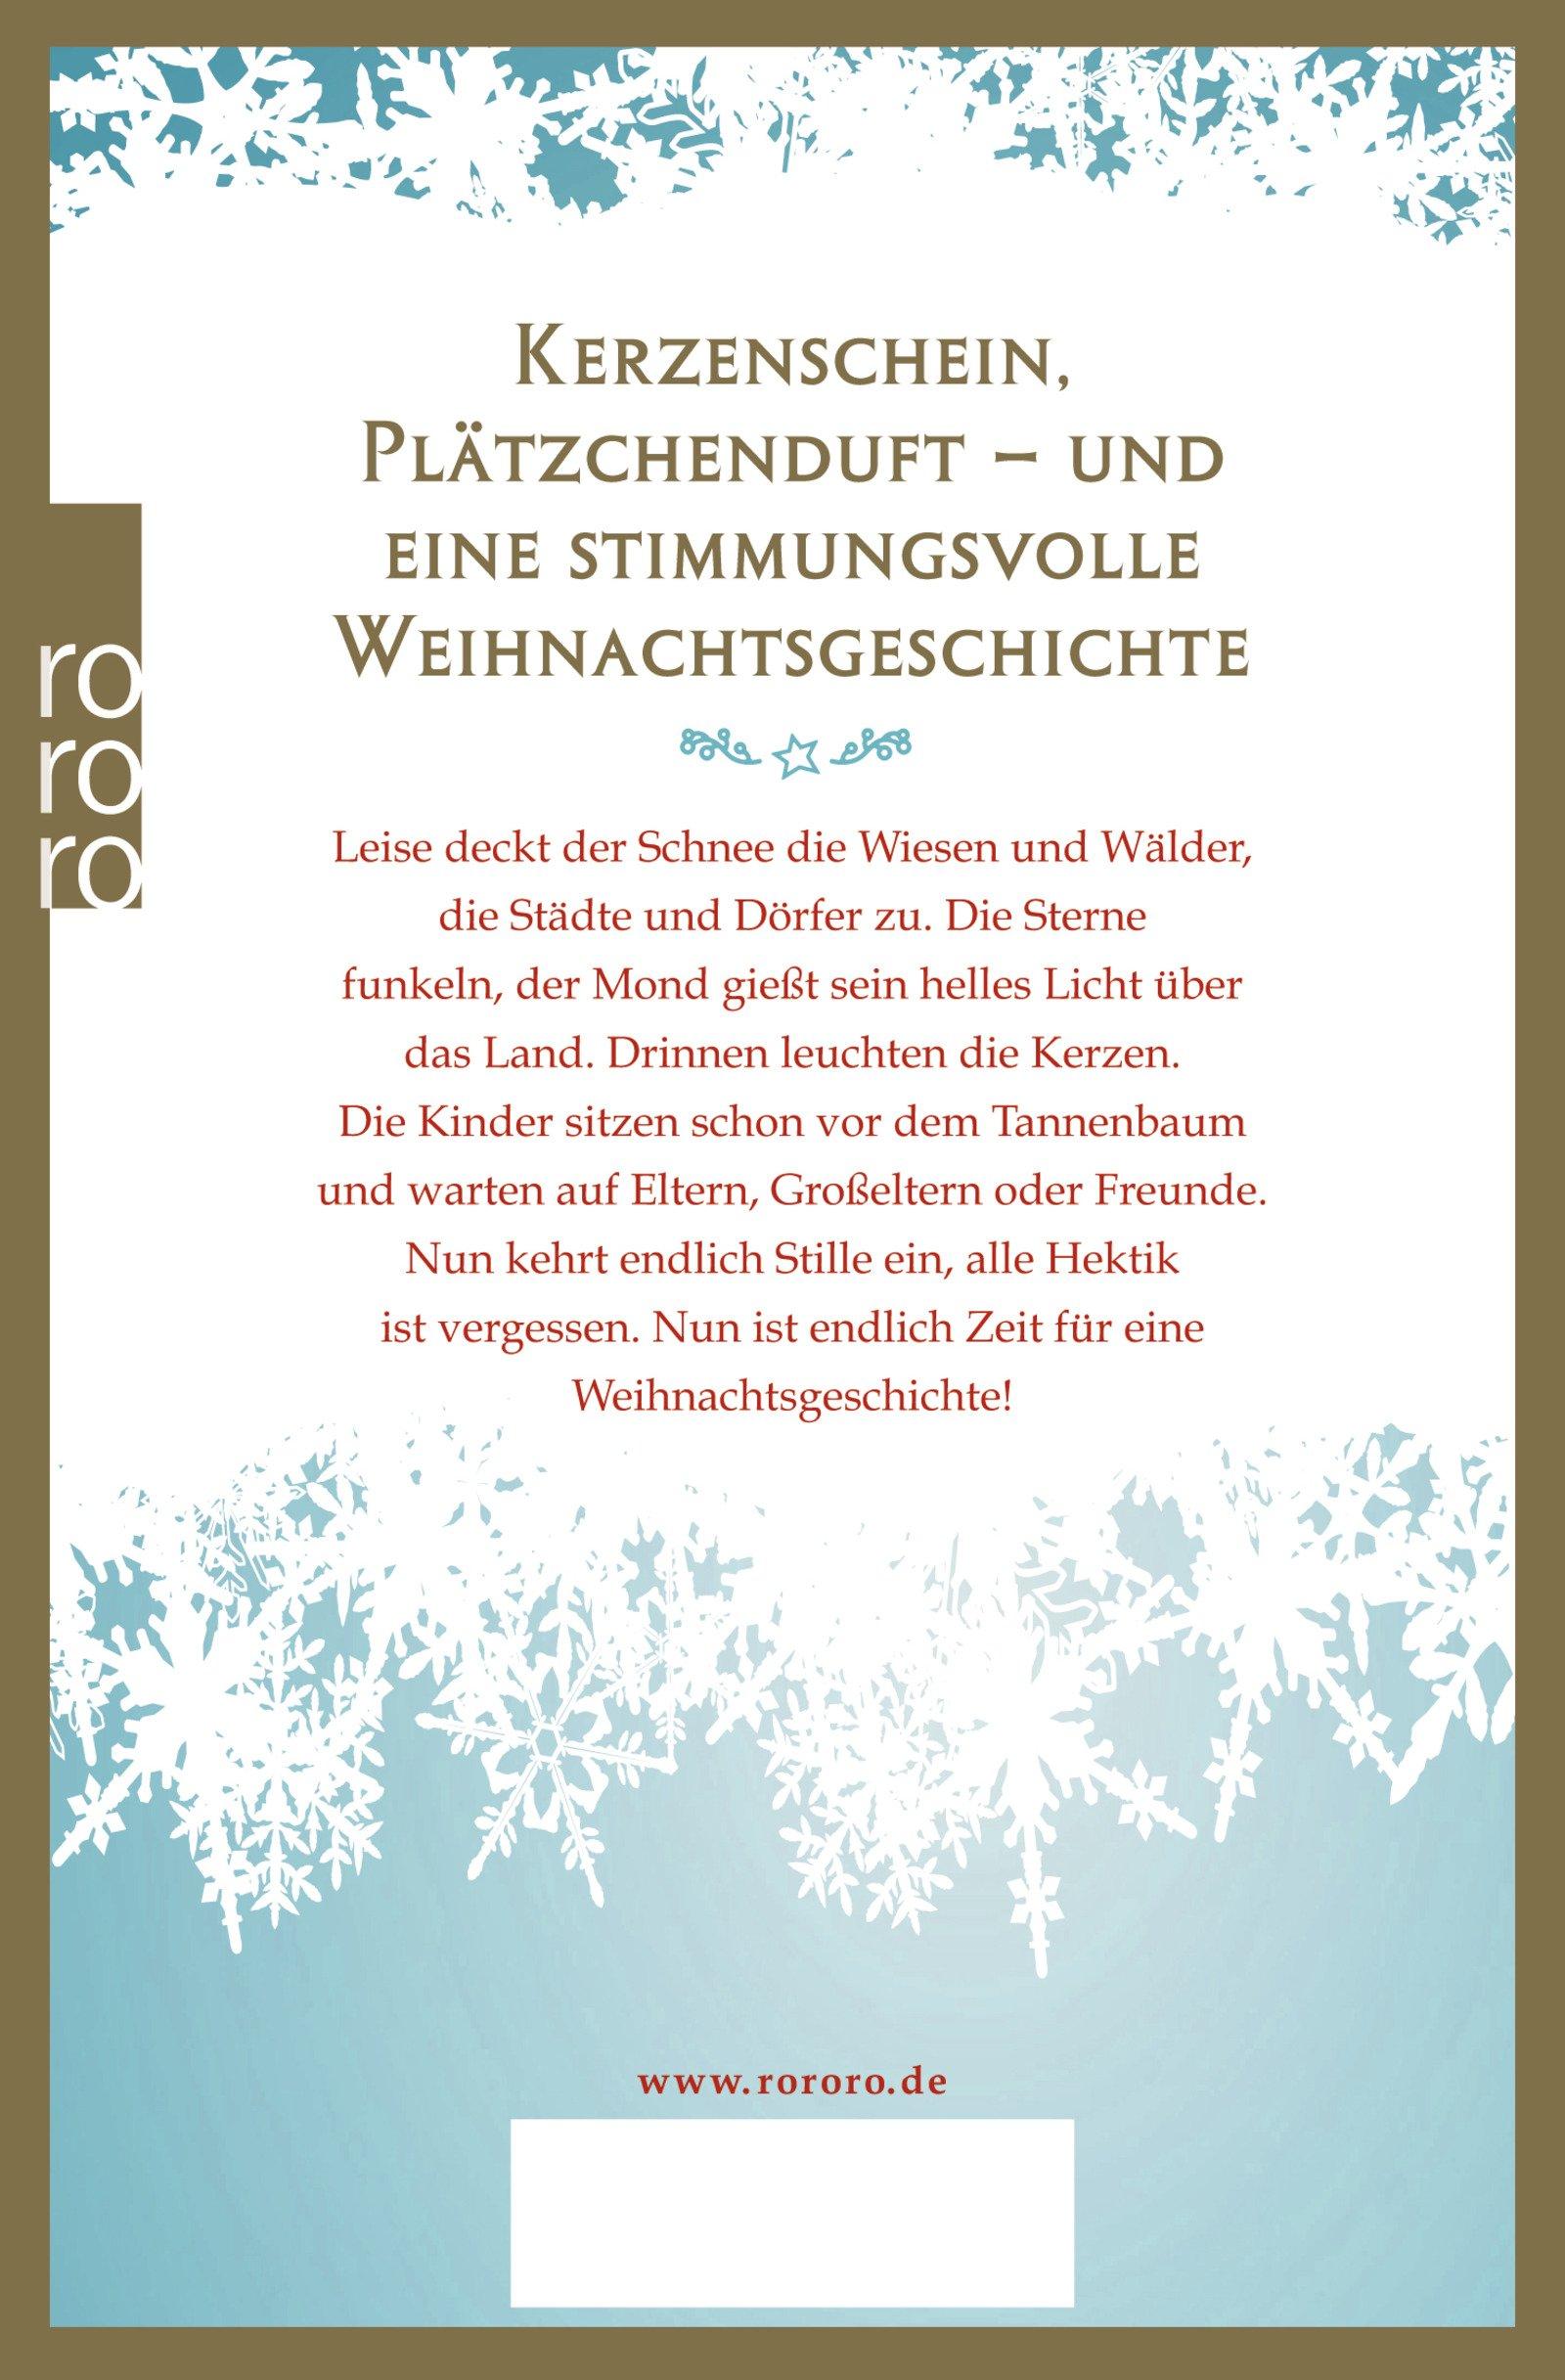 Weihnachtsgeschichte Bibel Kurz